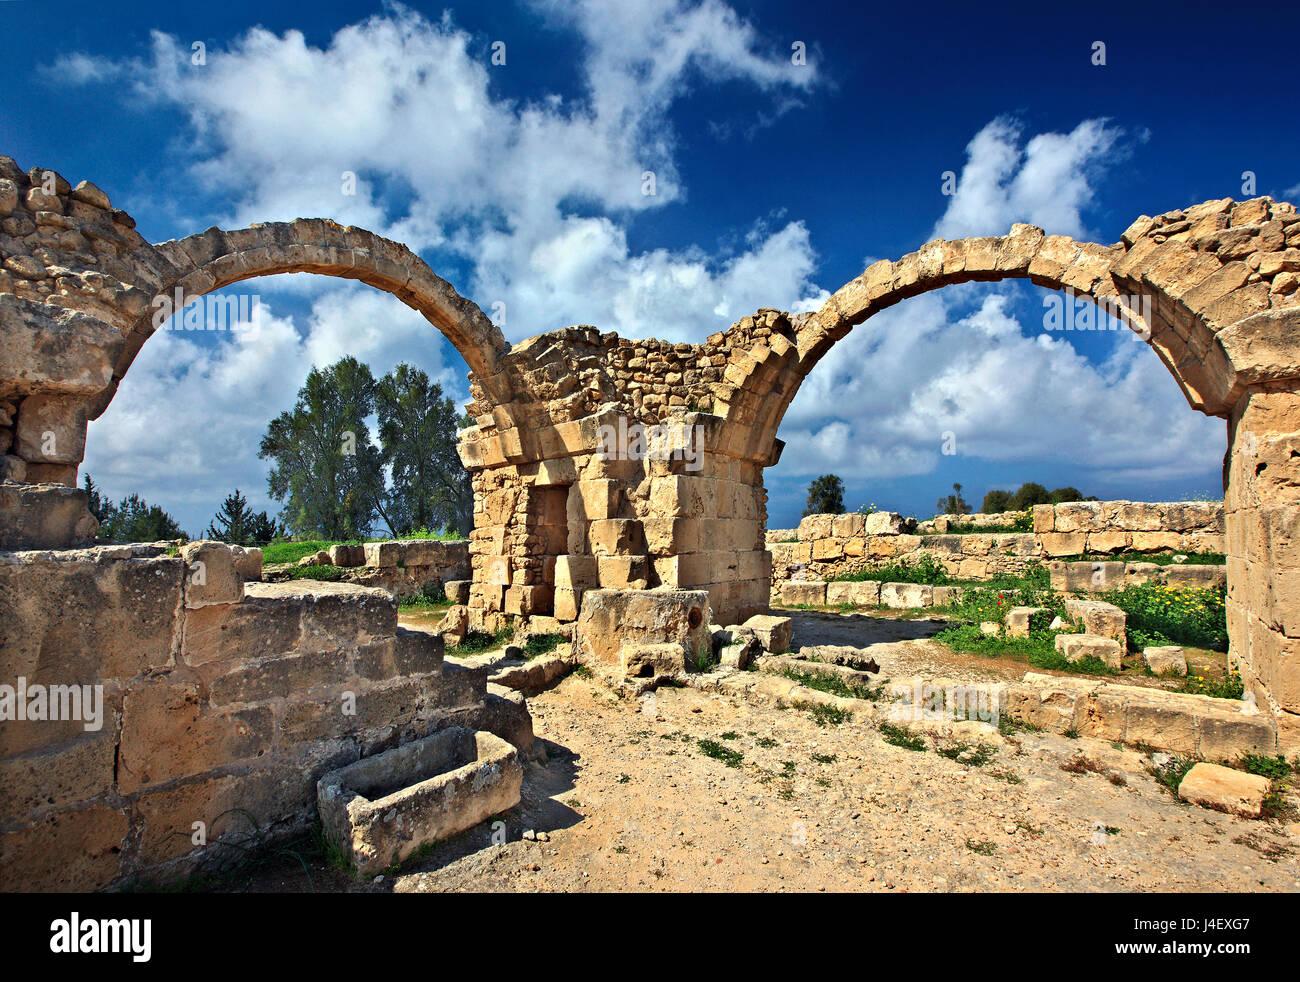 Von der mittelalterlichen Burg aranta kolones' (vierzig Säulen'), zu der archäologischen Stätte Stockbild